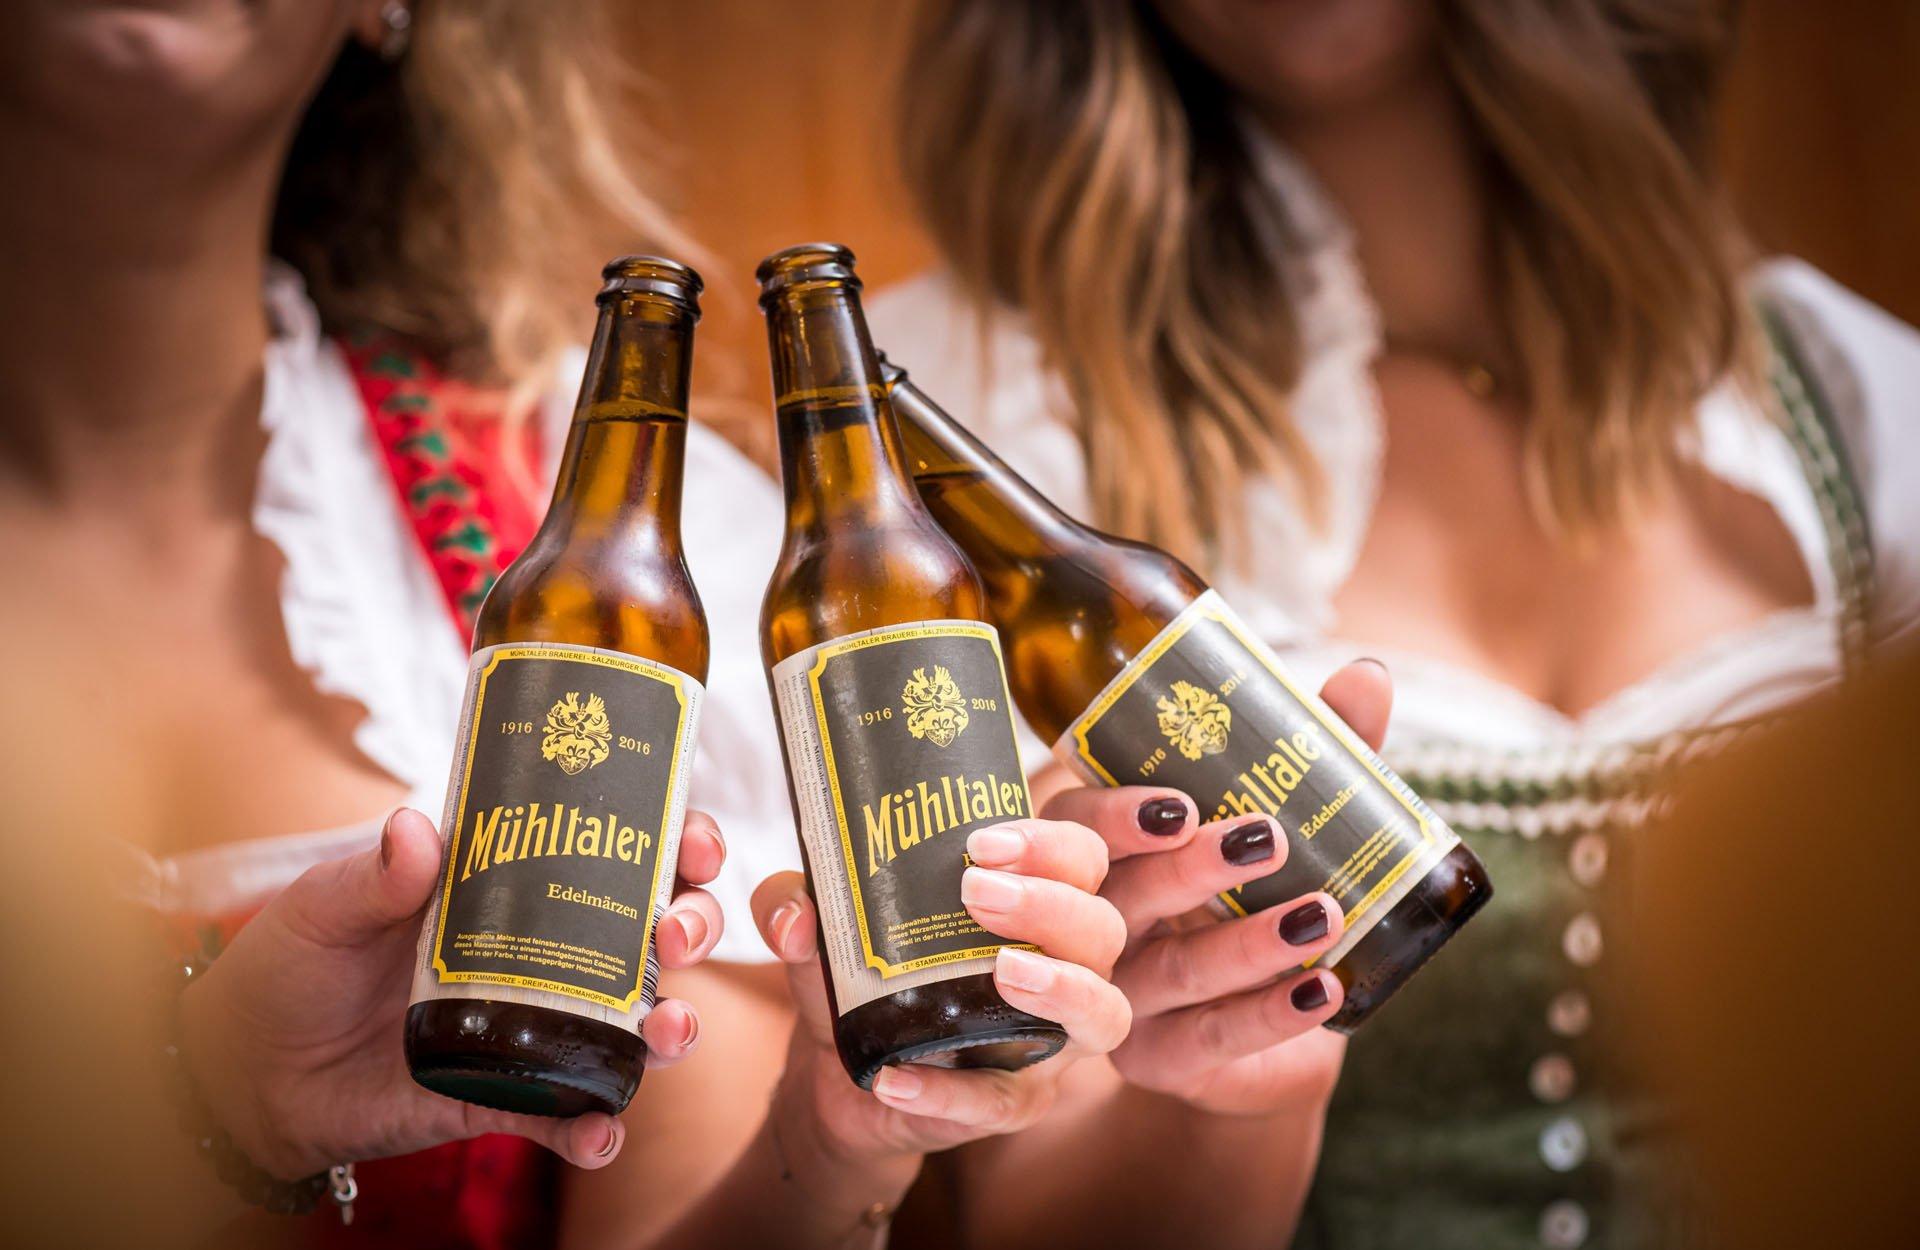 Mühltaler Brauerei